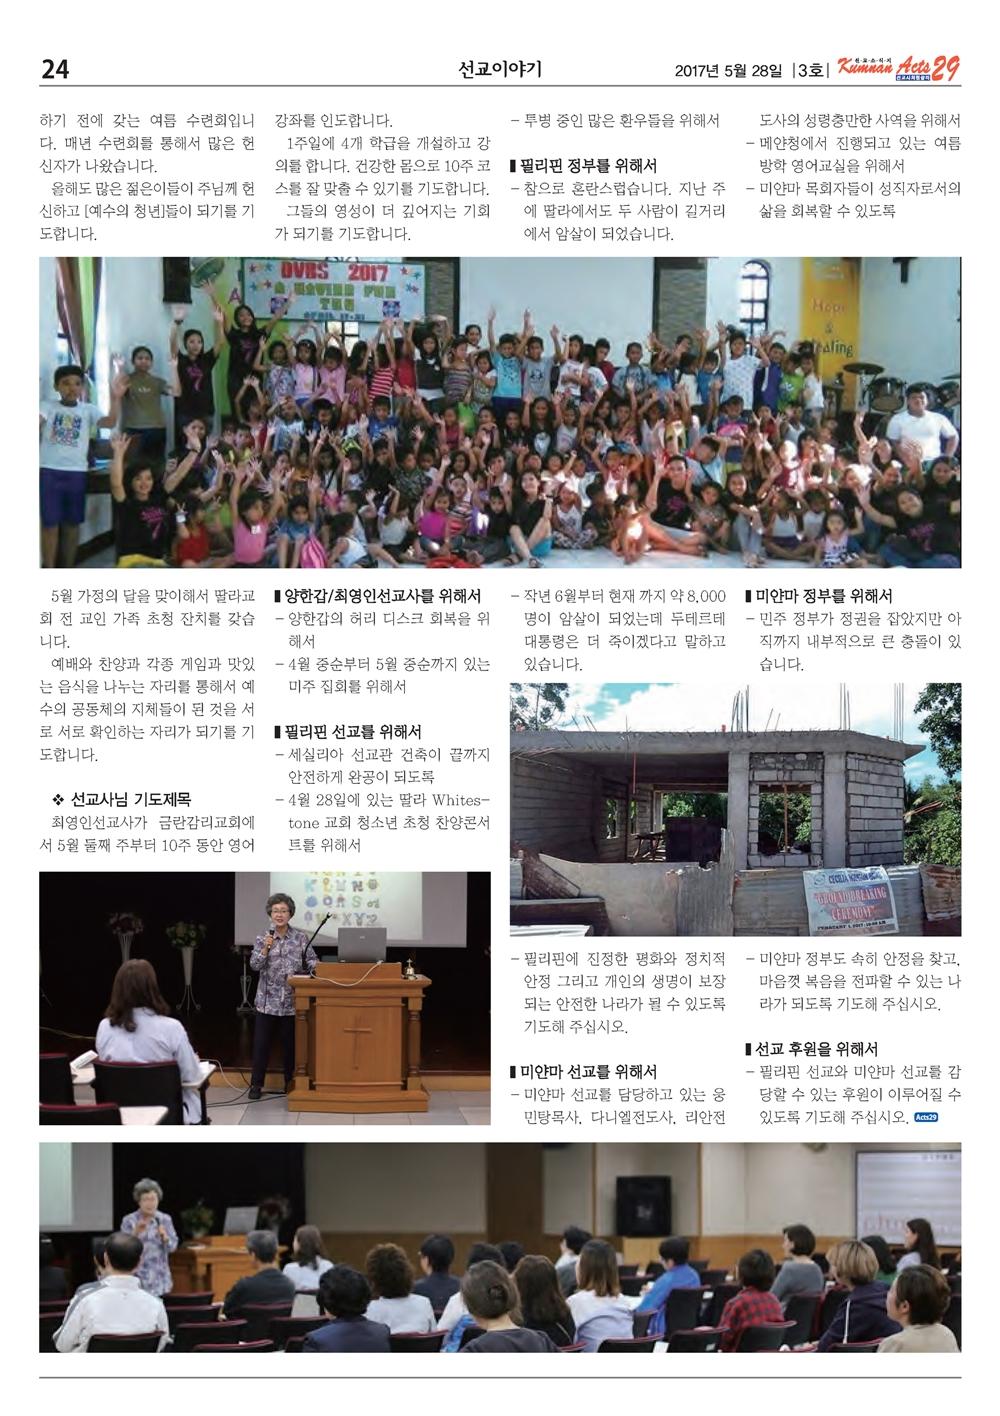 금란선교소식지 3월호_Page_24.jpg